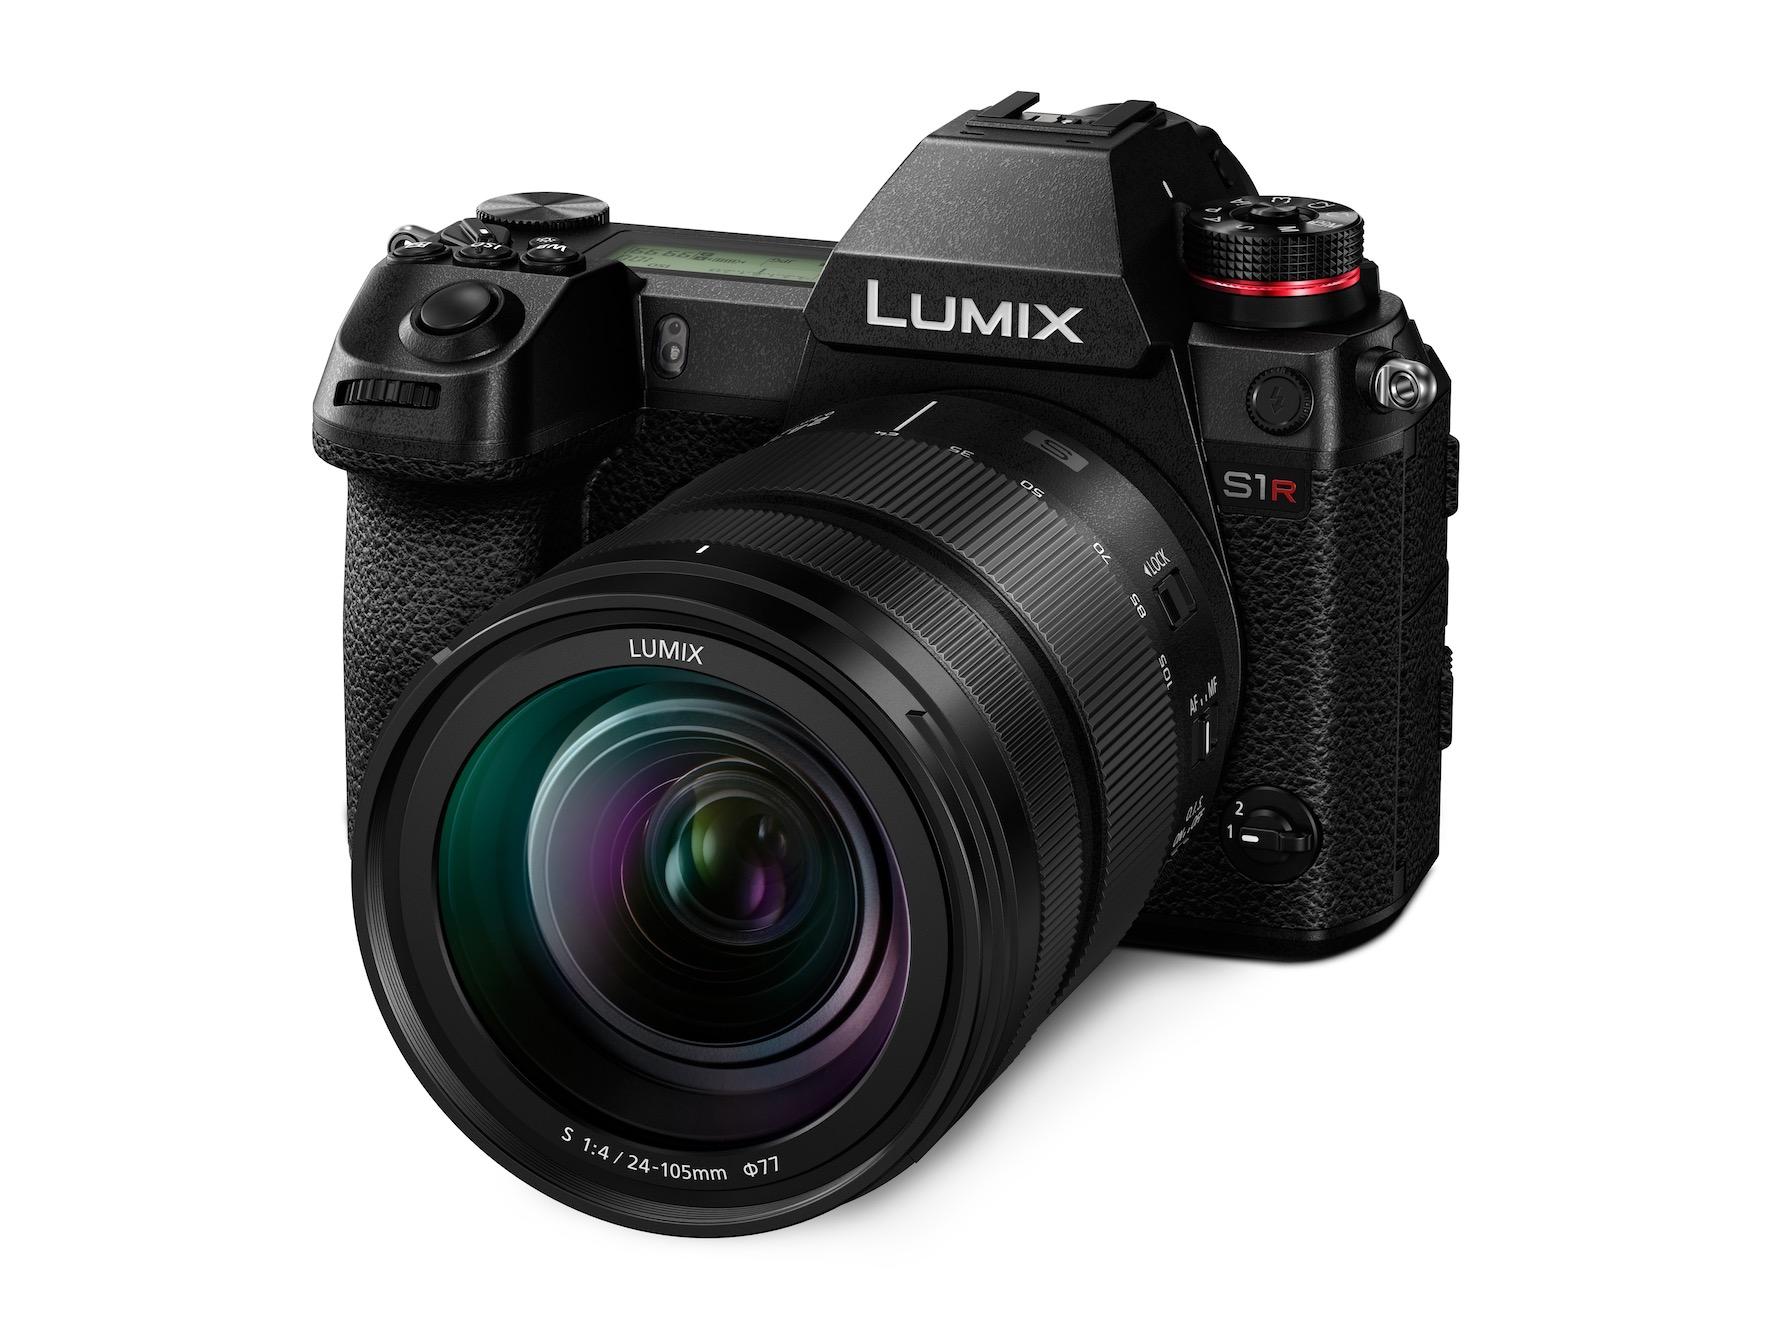 067-FY2018-Panasonic-LUMIX-S1RME-Produkt-seitlich.jpg